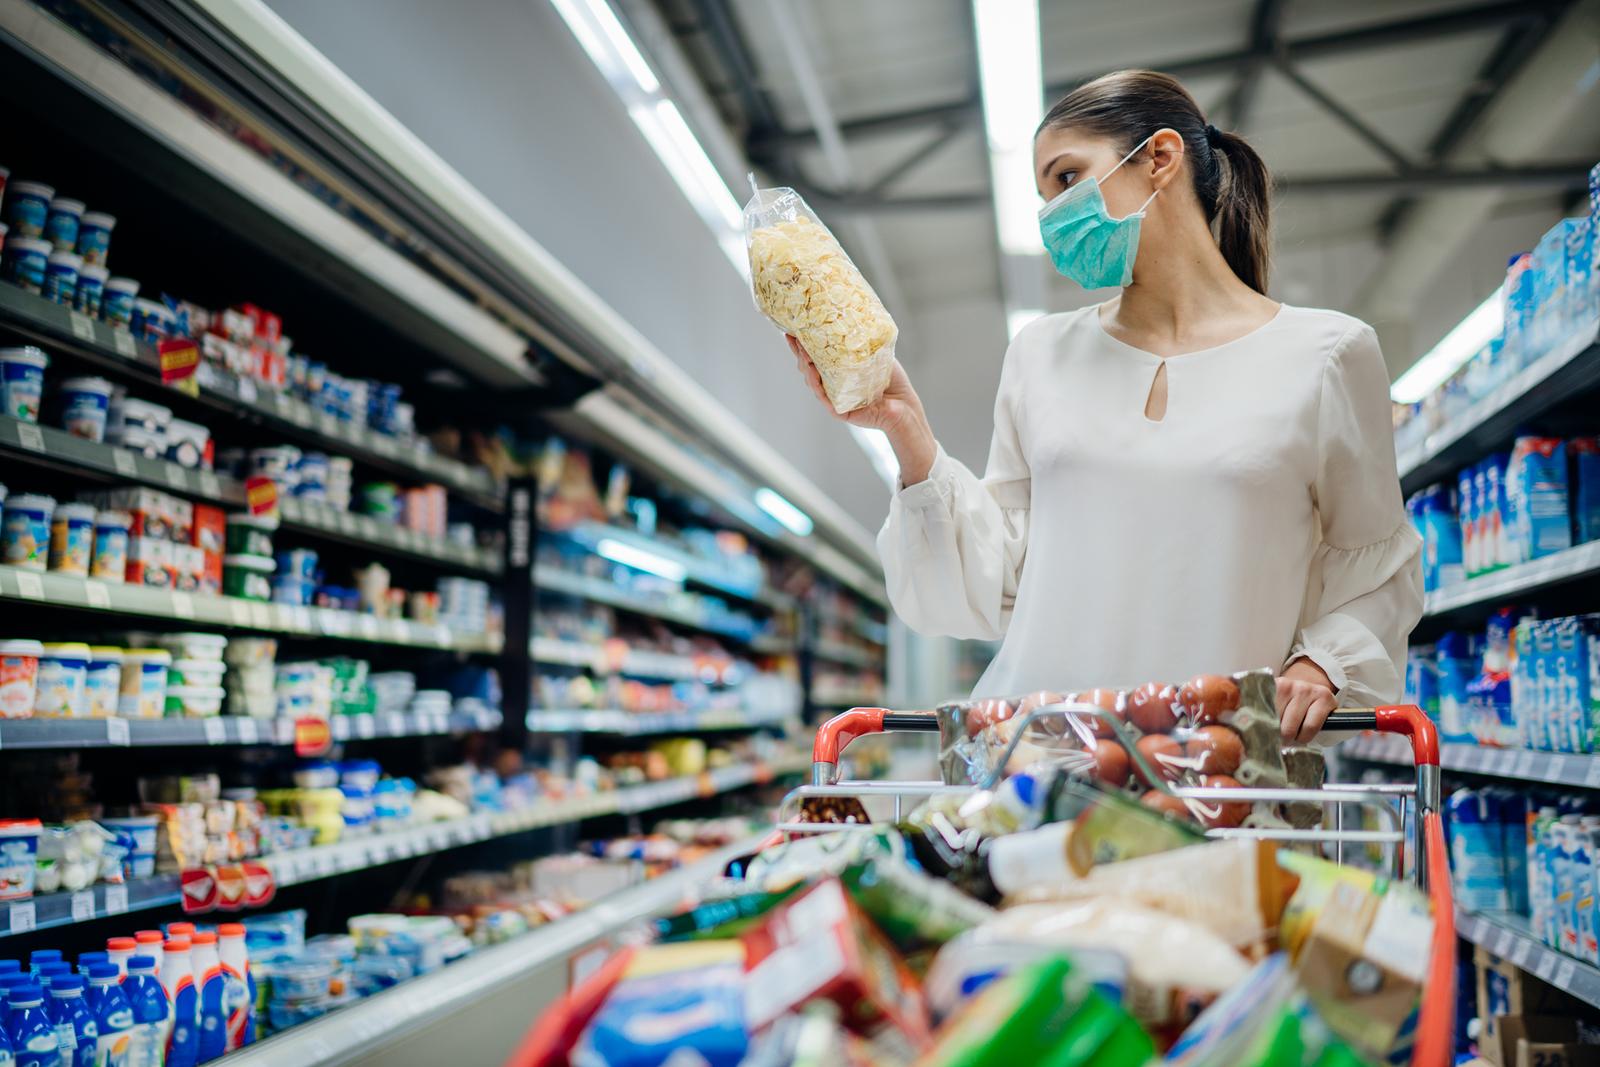 bigstock-Woman-With-Hygienic-Mask-Shopp-357298901